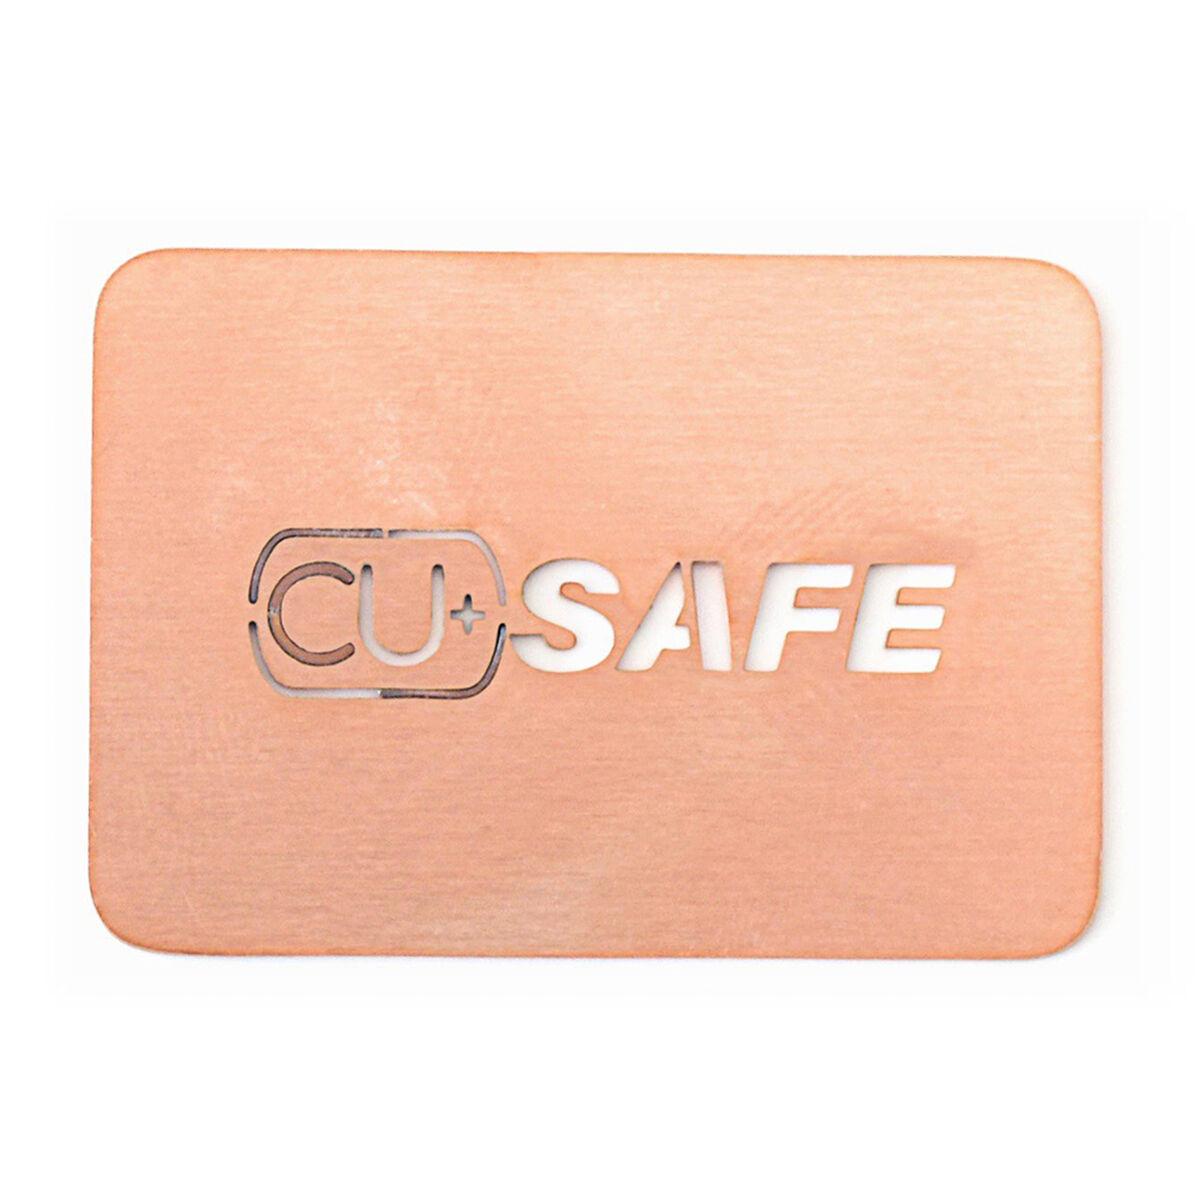 Placa Cobre CU+SAFE para Celular reduce Virus y Bacterias